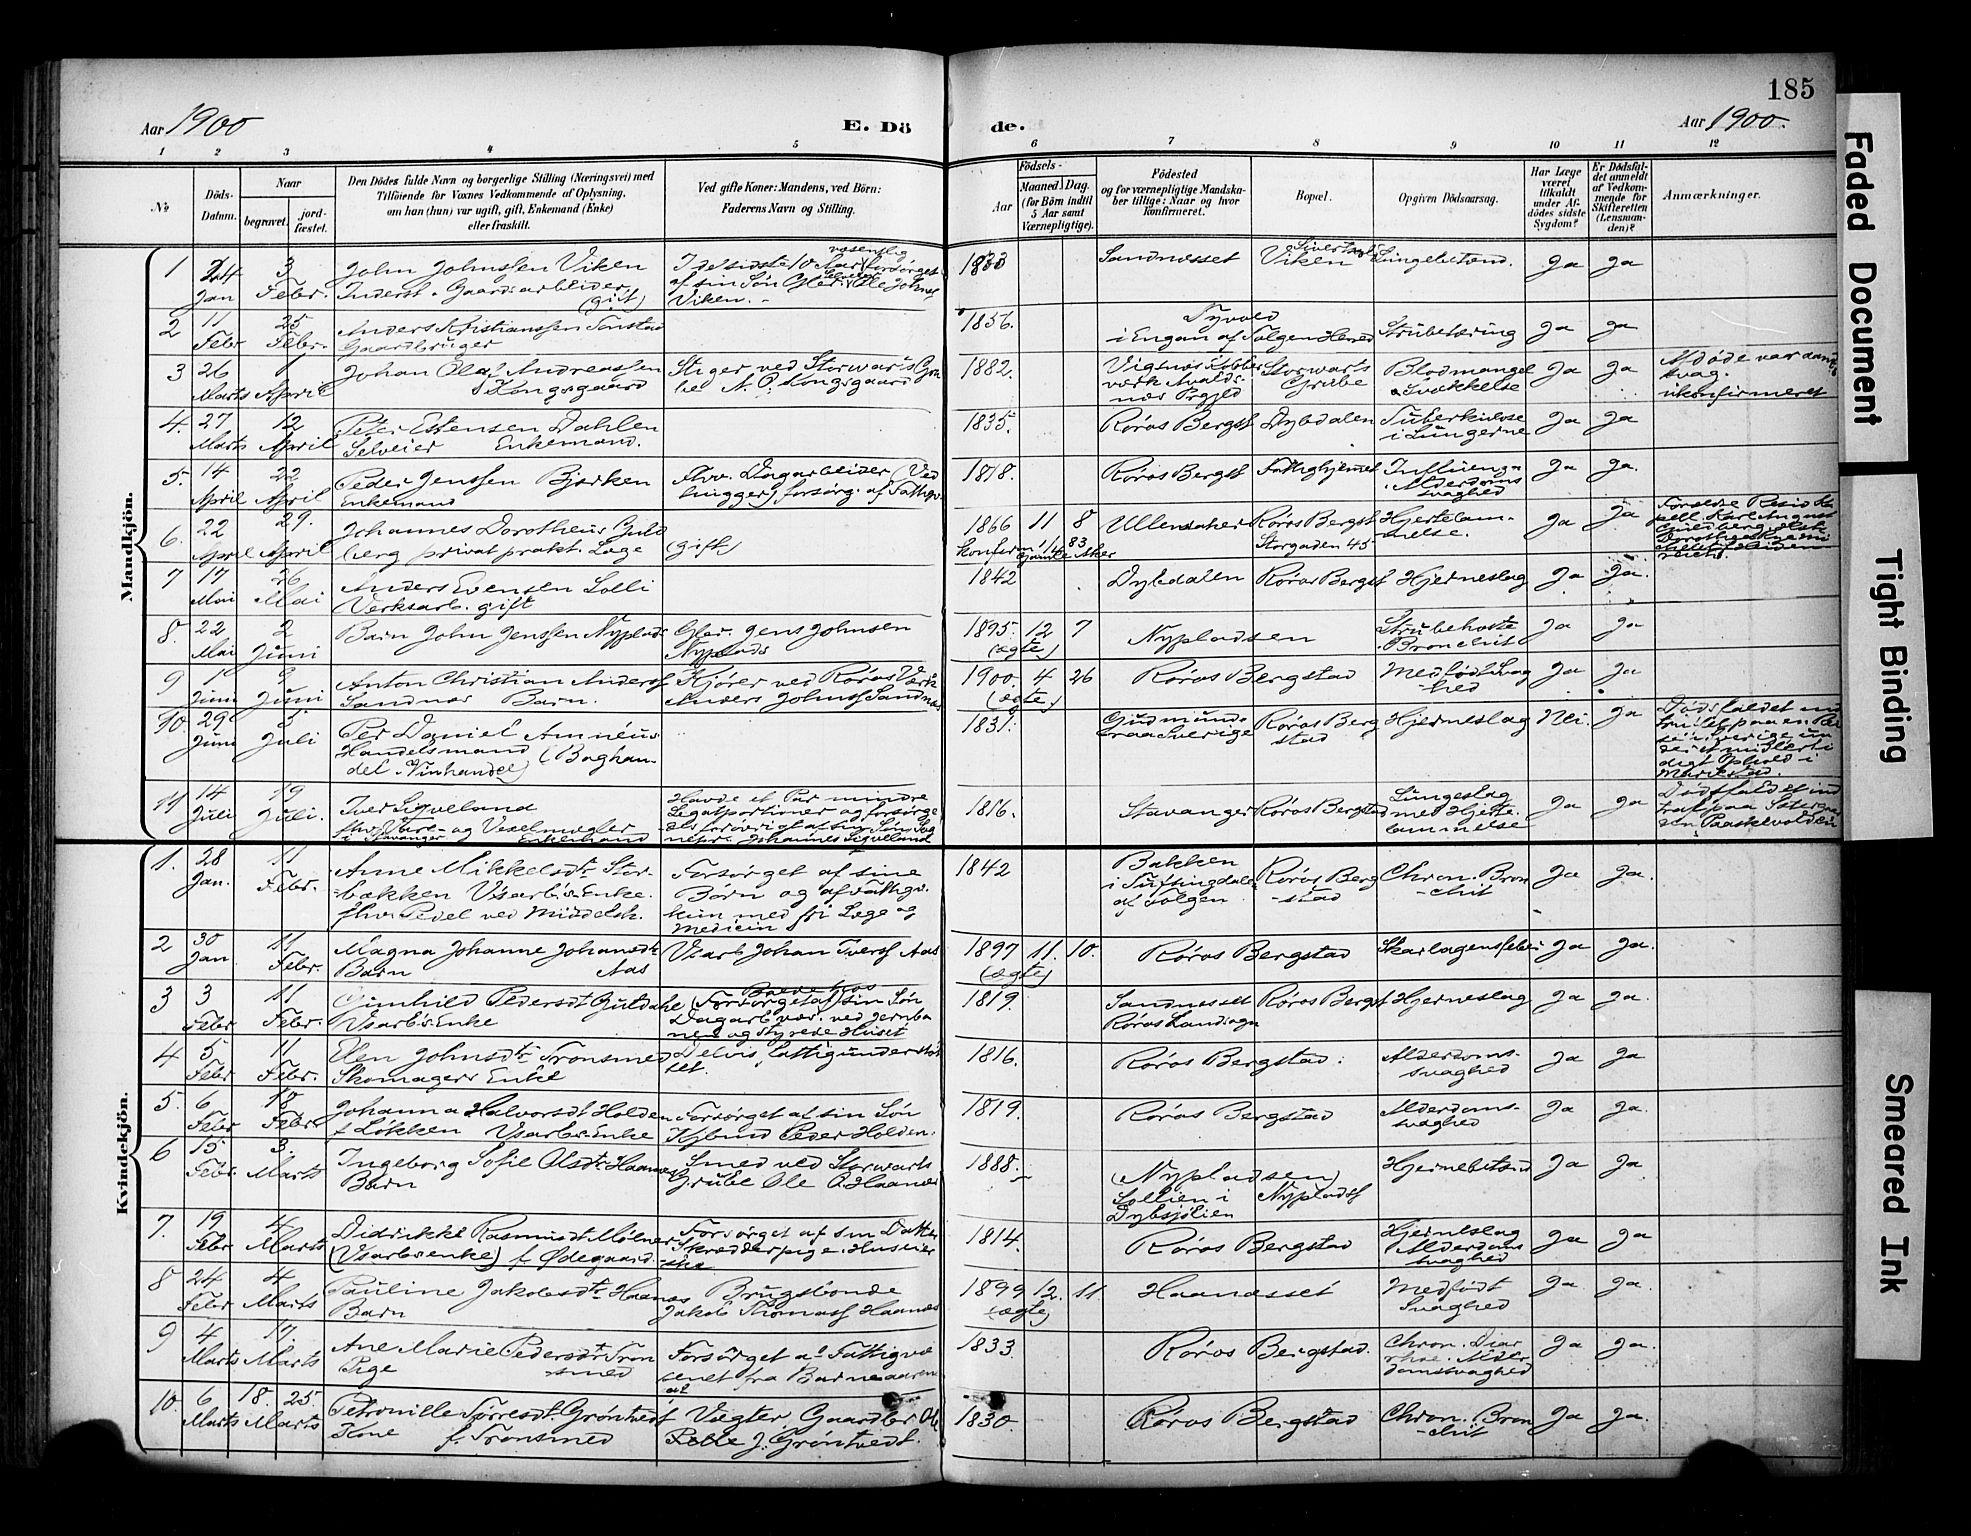 SAT, Ministerialprotokoller, klokkerbøker og fødselsregistre - Sør-Trøndelag, 681/L0936: Ministerialbok nr. 681A14, 1899-1908, s. 185